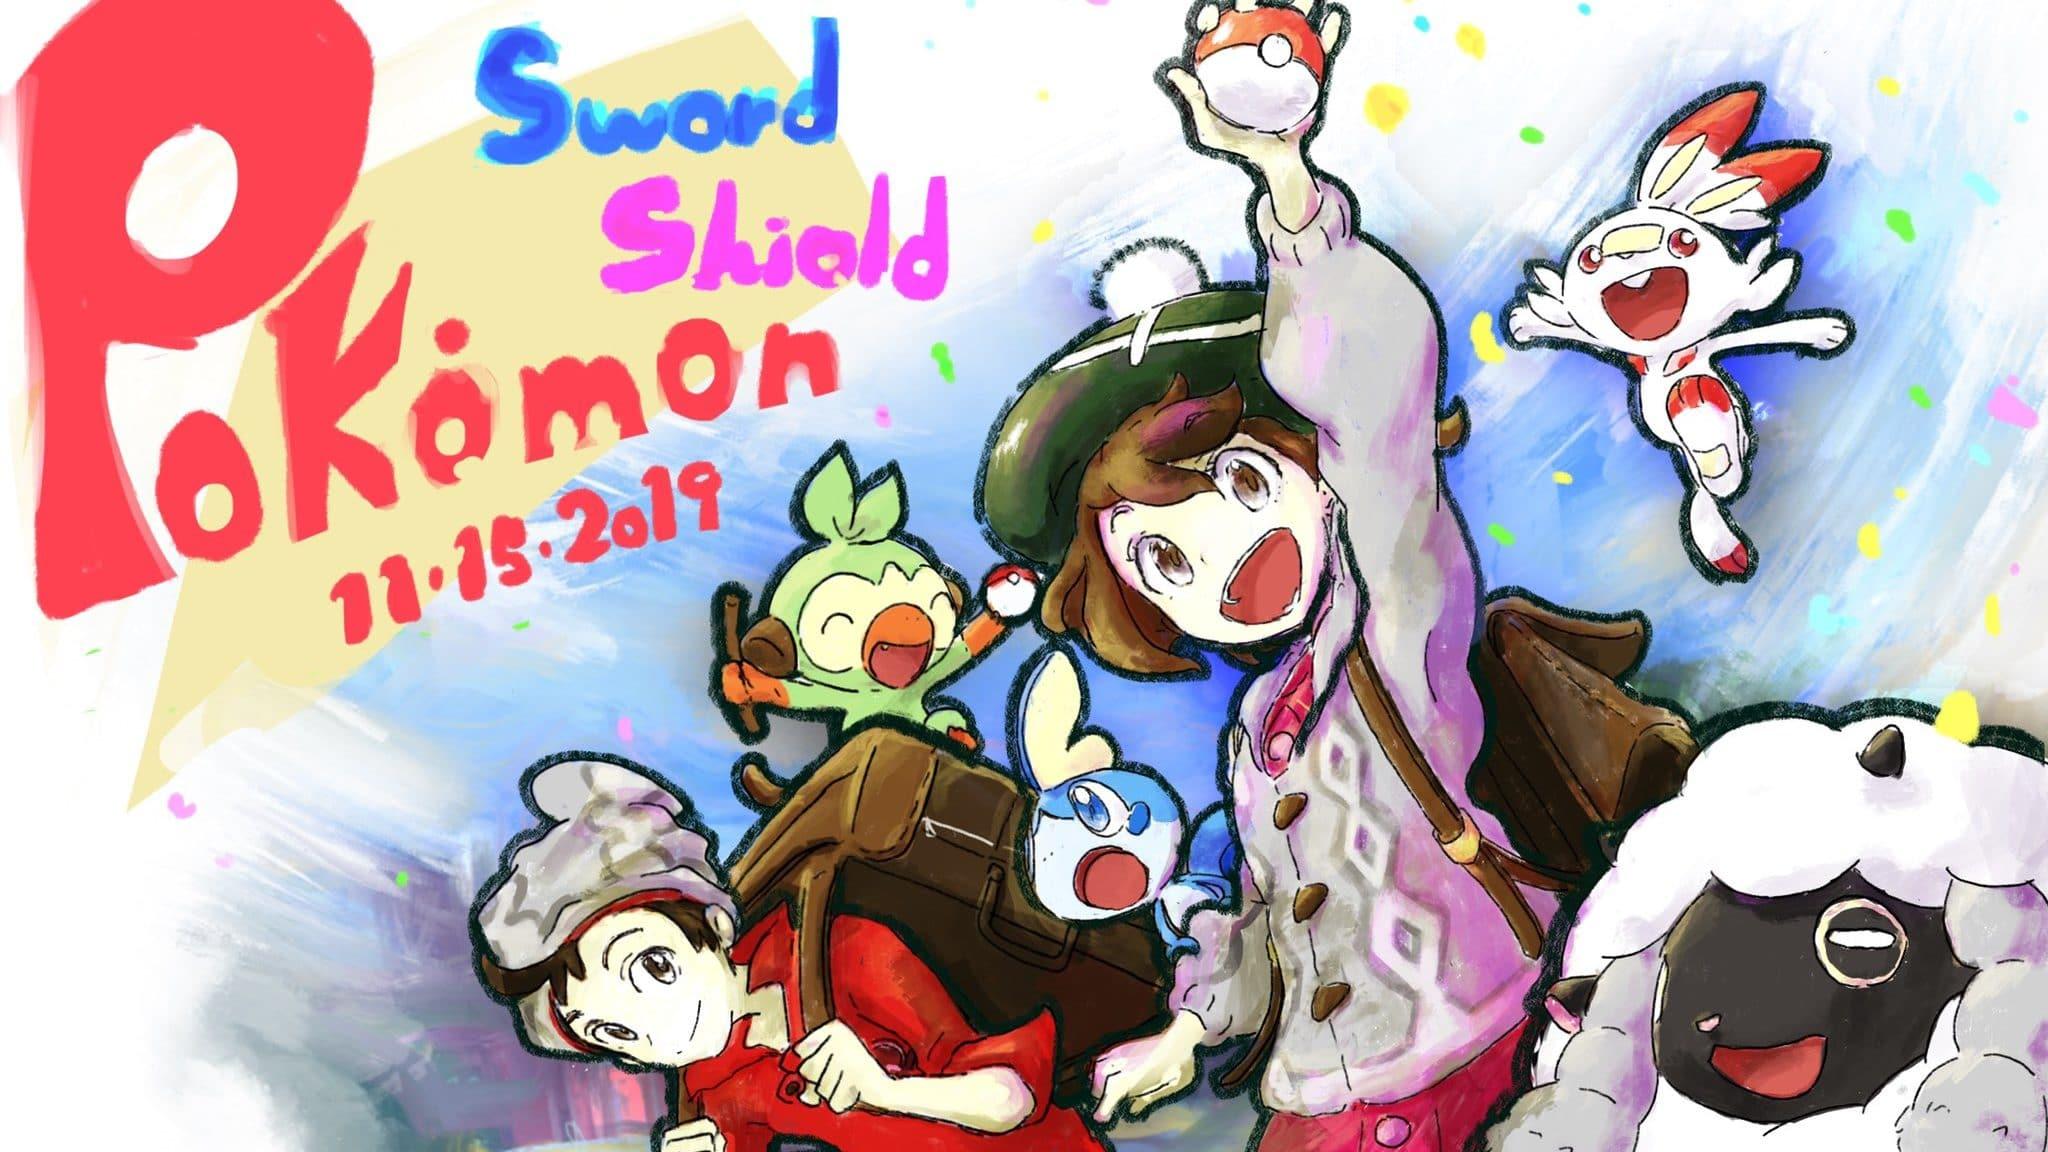 Shigeru Ohmori, director de Pokémon Espada y Escudo, celebra el estreno del juego con este arte